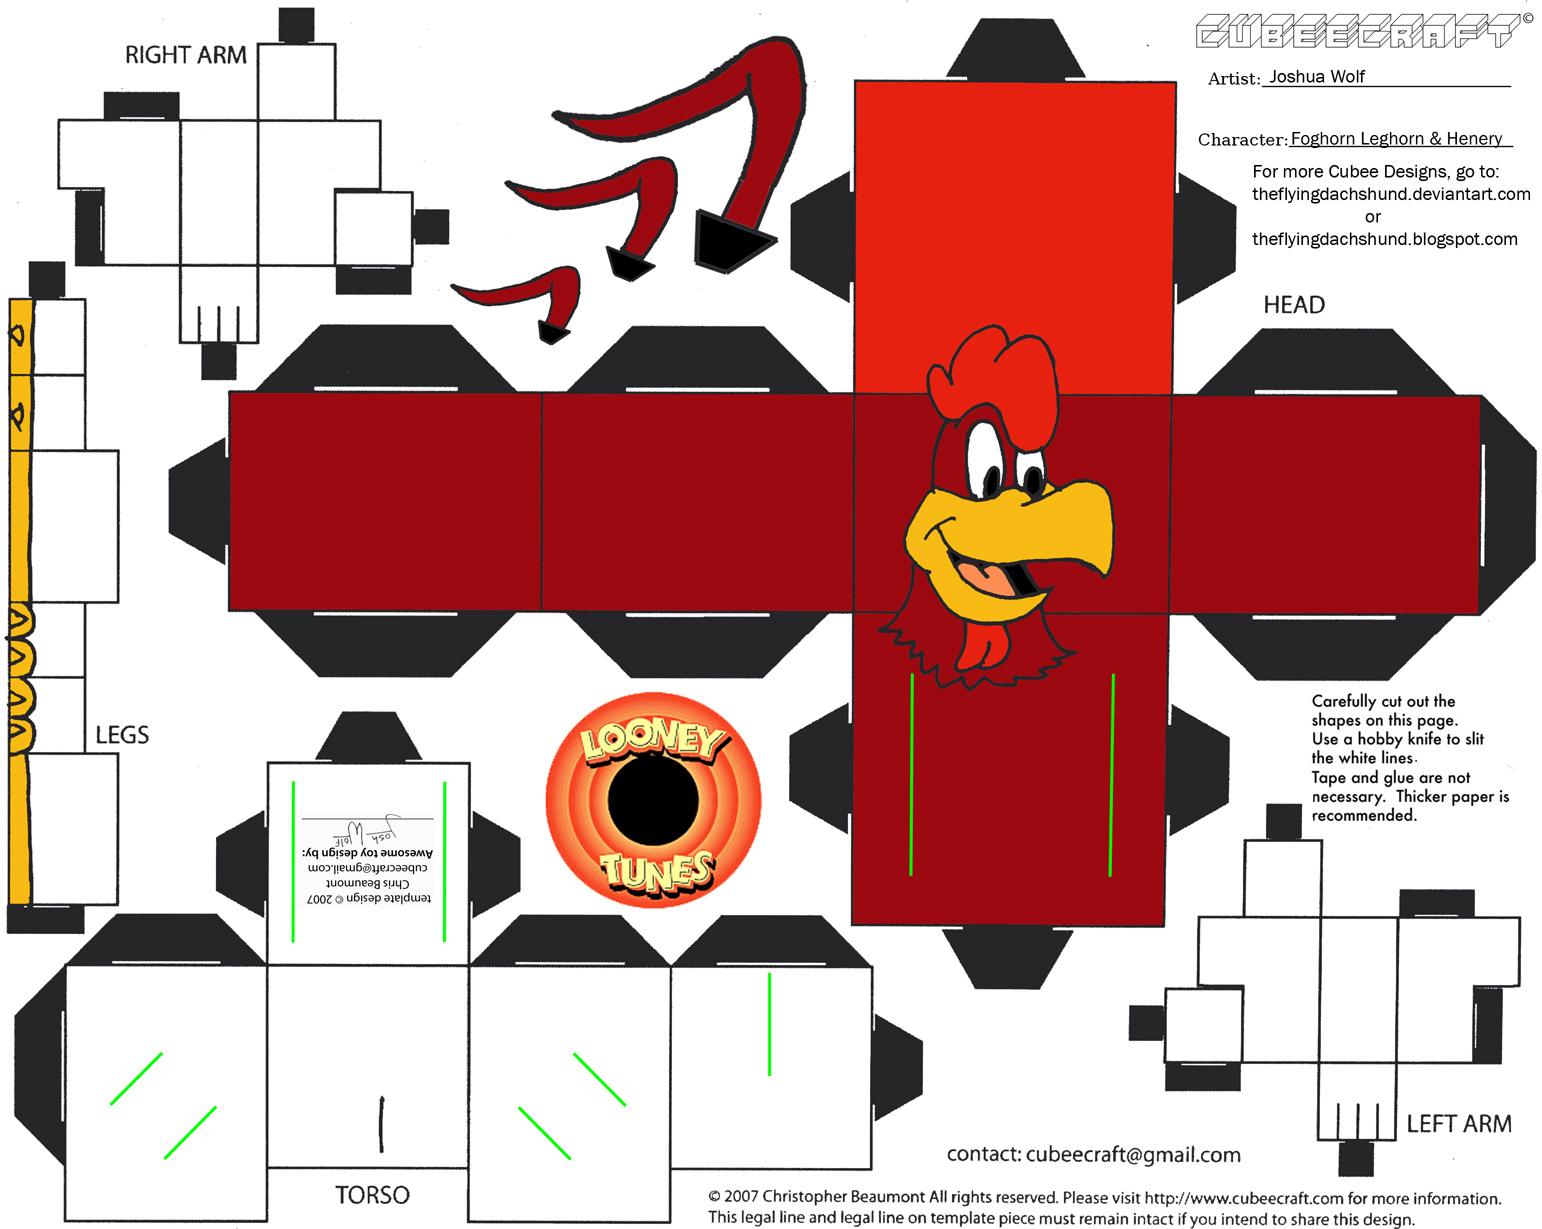 De cubeecraft y algo más: Cubeecraft Looney Tunes